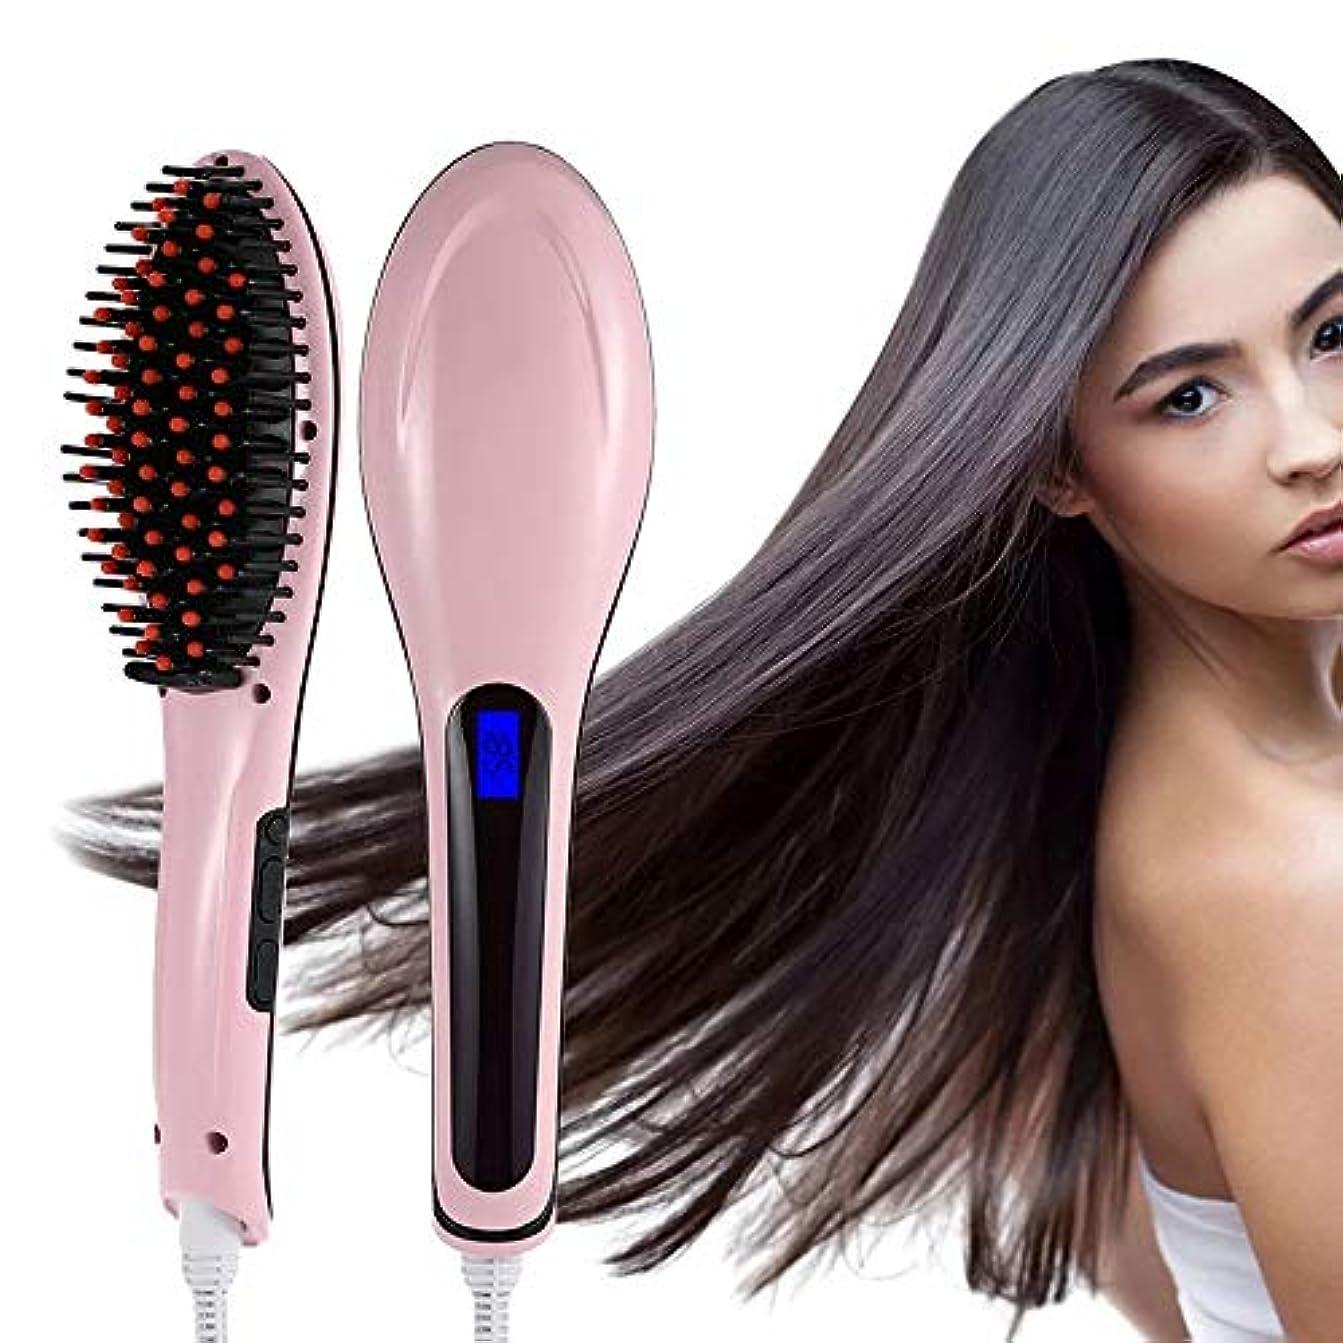 鋼不調和緊急毛矯正ブラシ毛矯正ブラシ電気加熱セラミックくし自動温度ロックと自動シャットオフ機能,EUplug